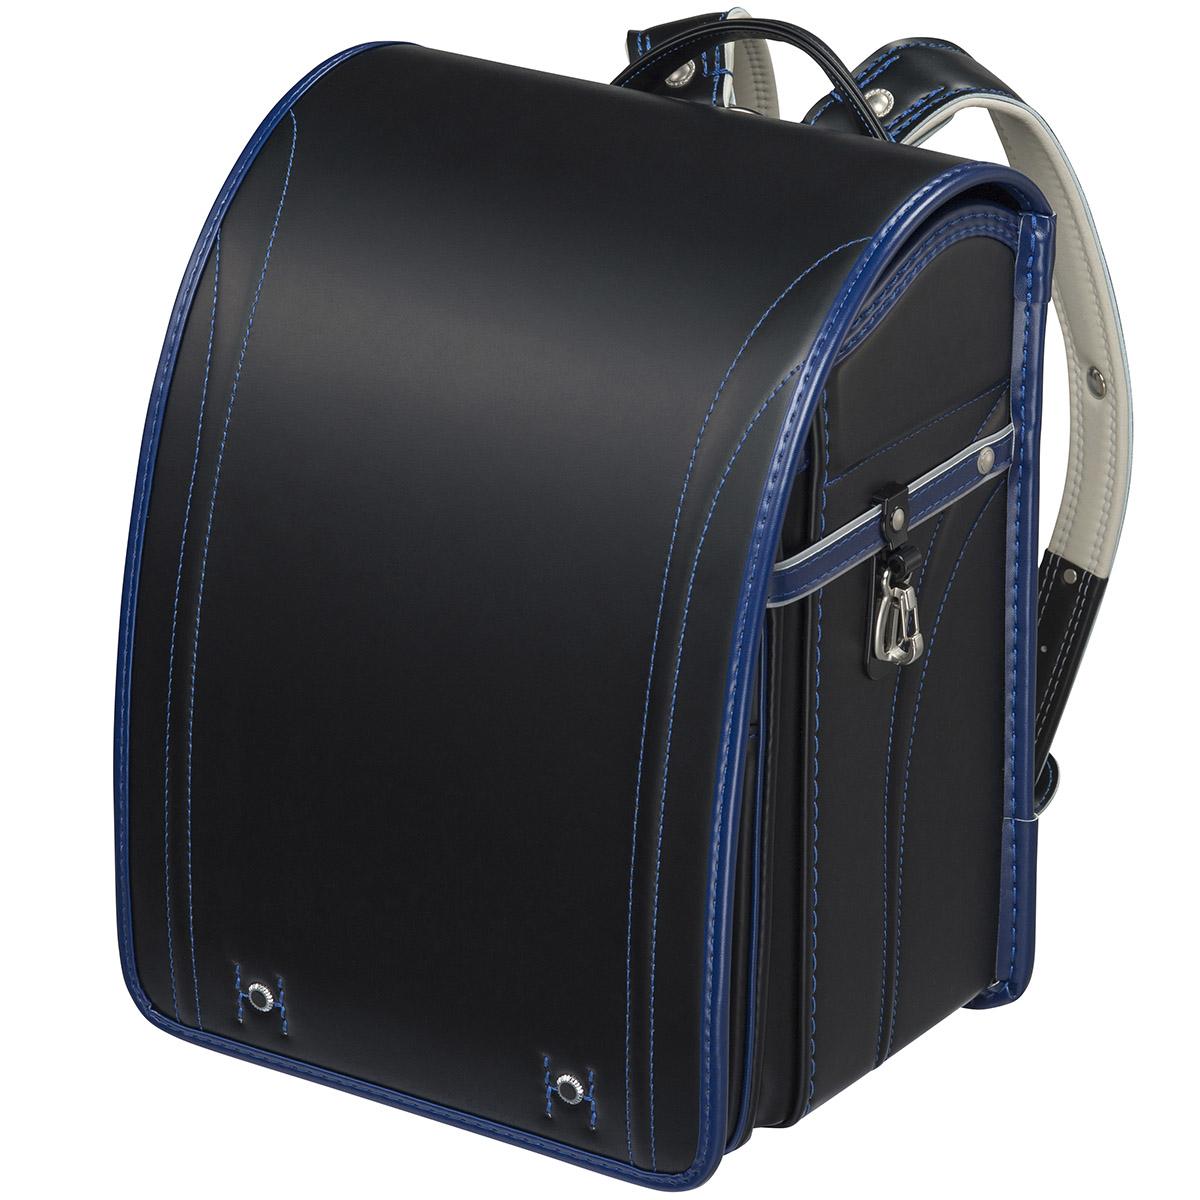 フィットちゃんランドセル グッドボーイプラス(FIT-205W) A4フラットファイル収納サイズ